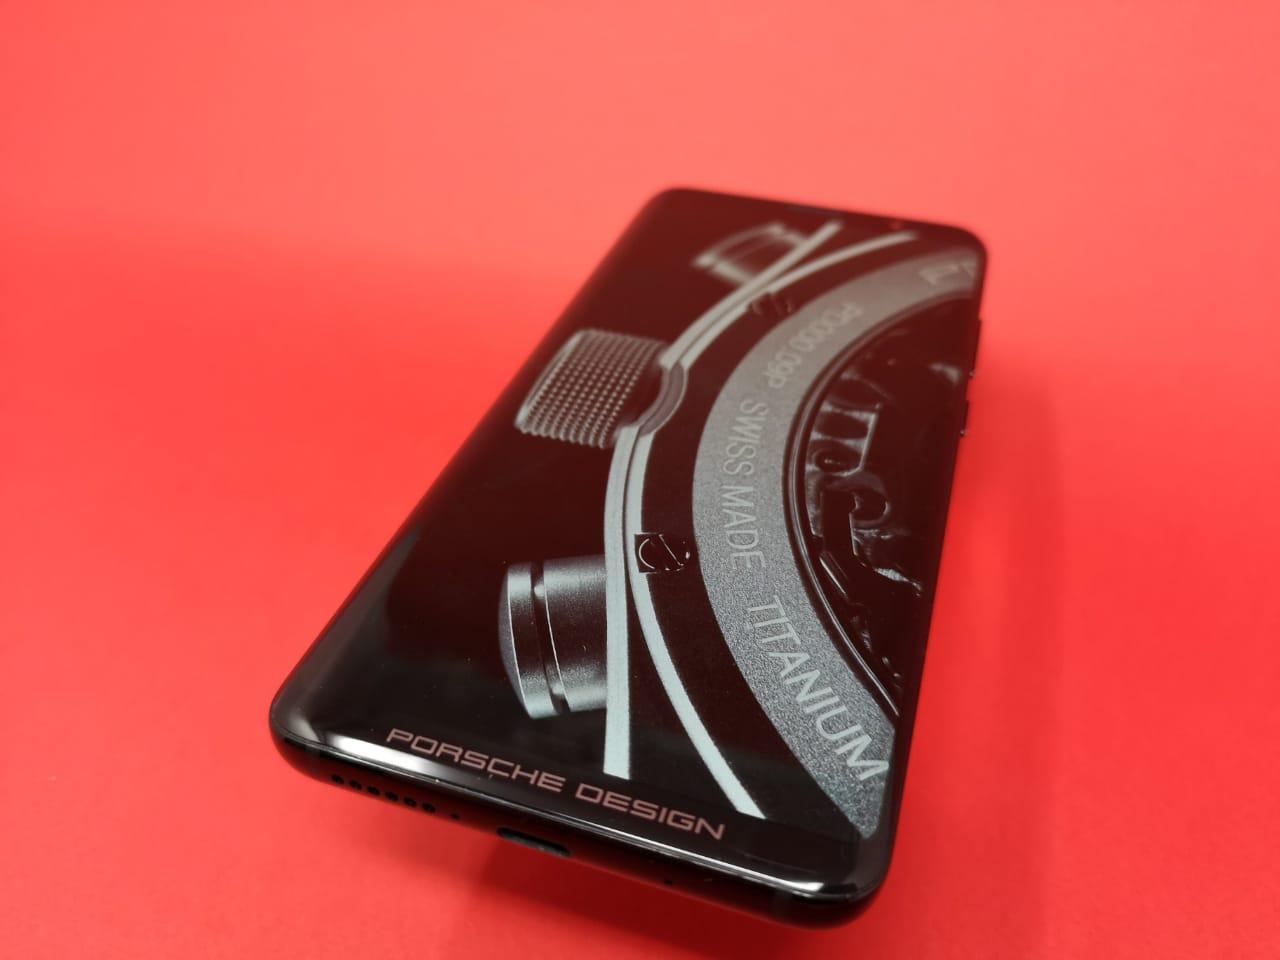 Huawei_Mate_RS_Porsche_Design_front